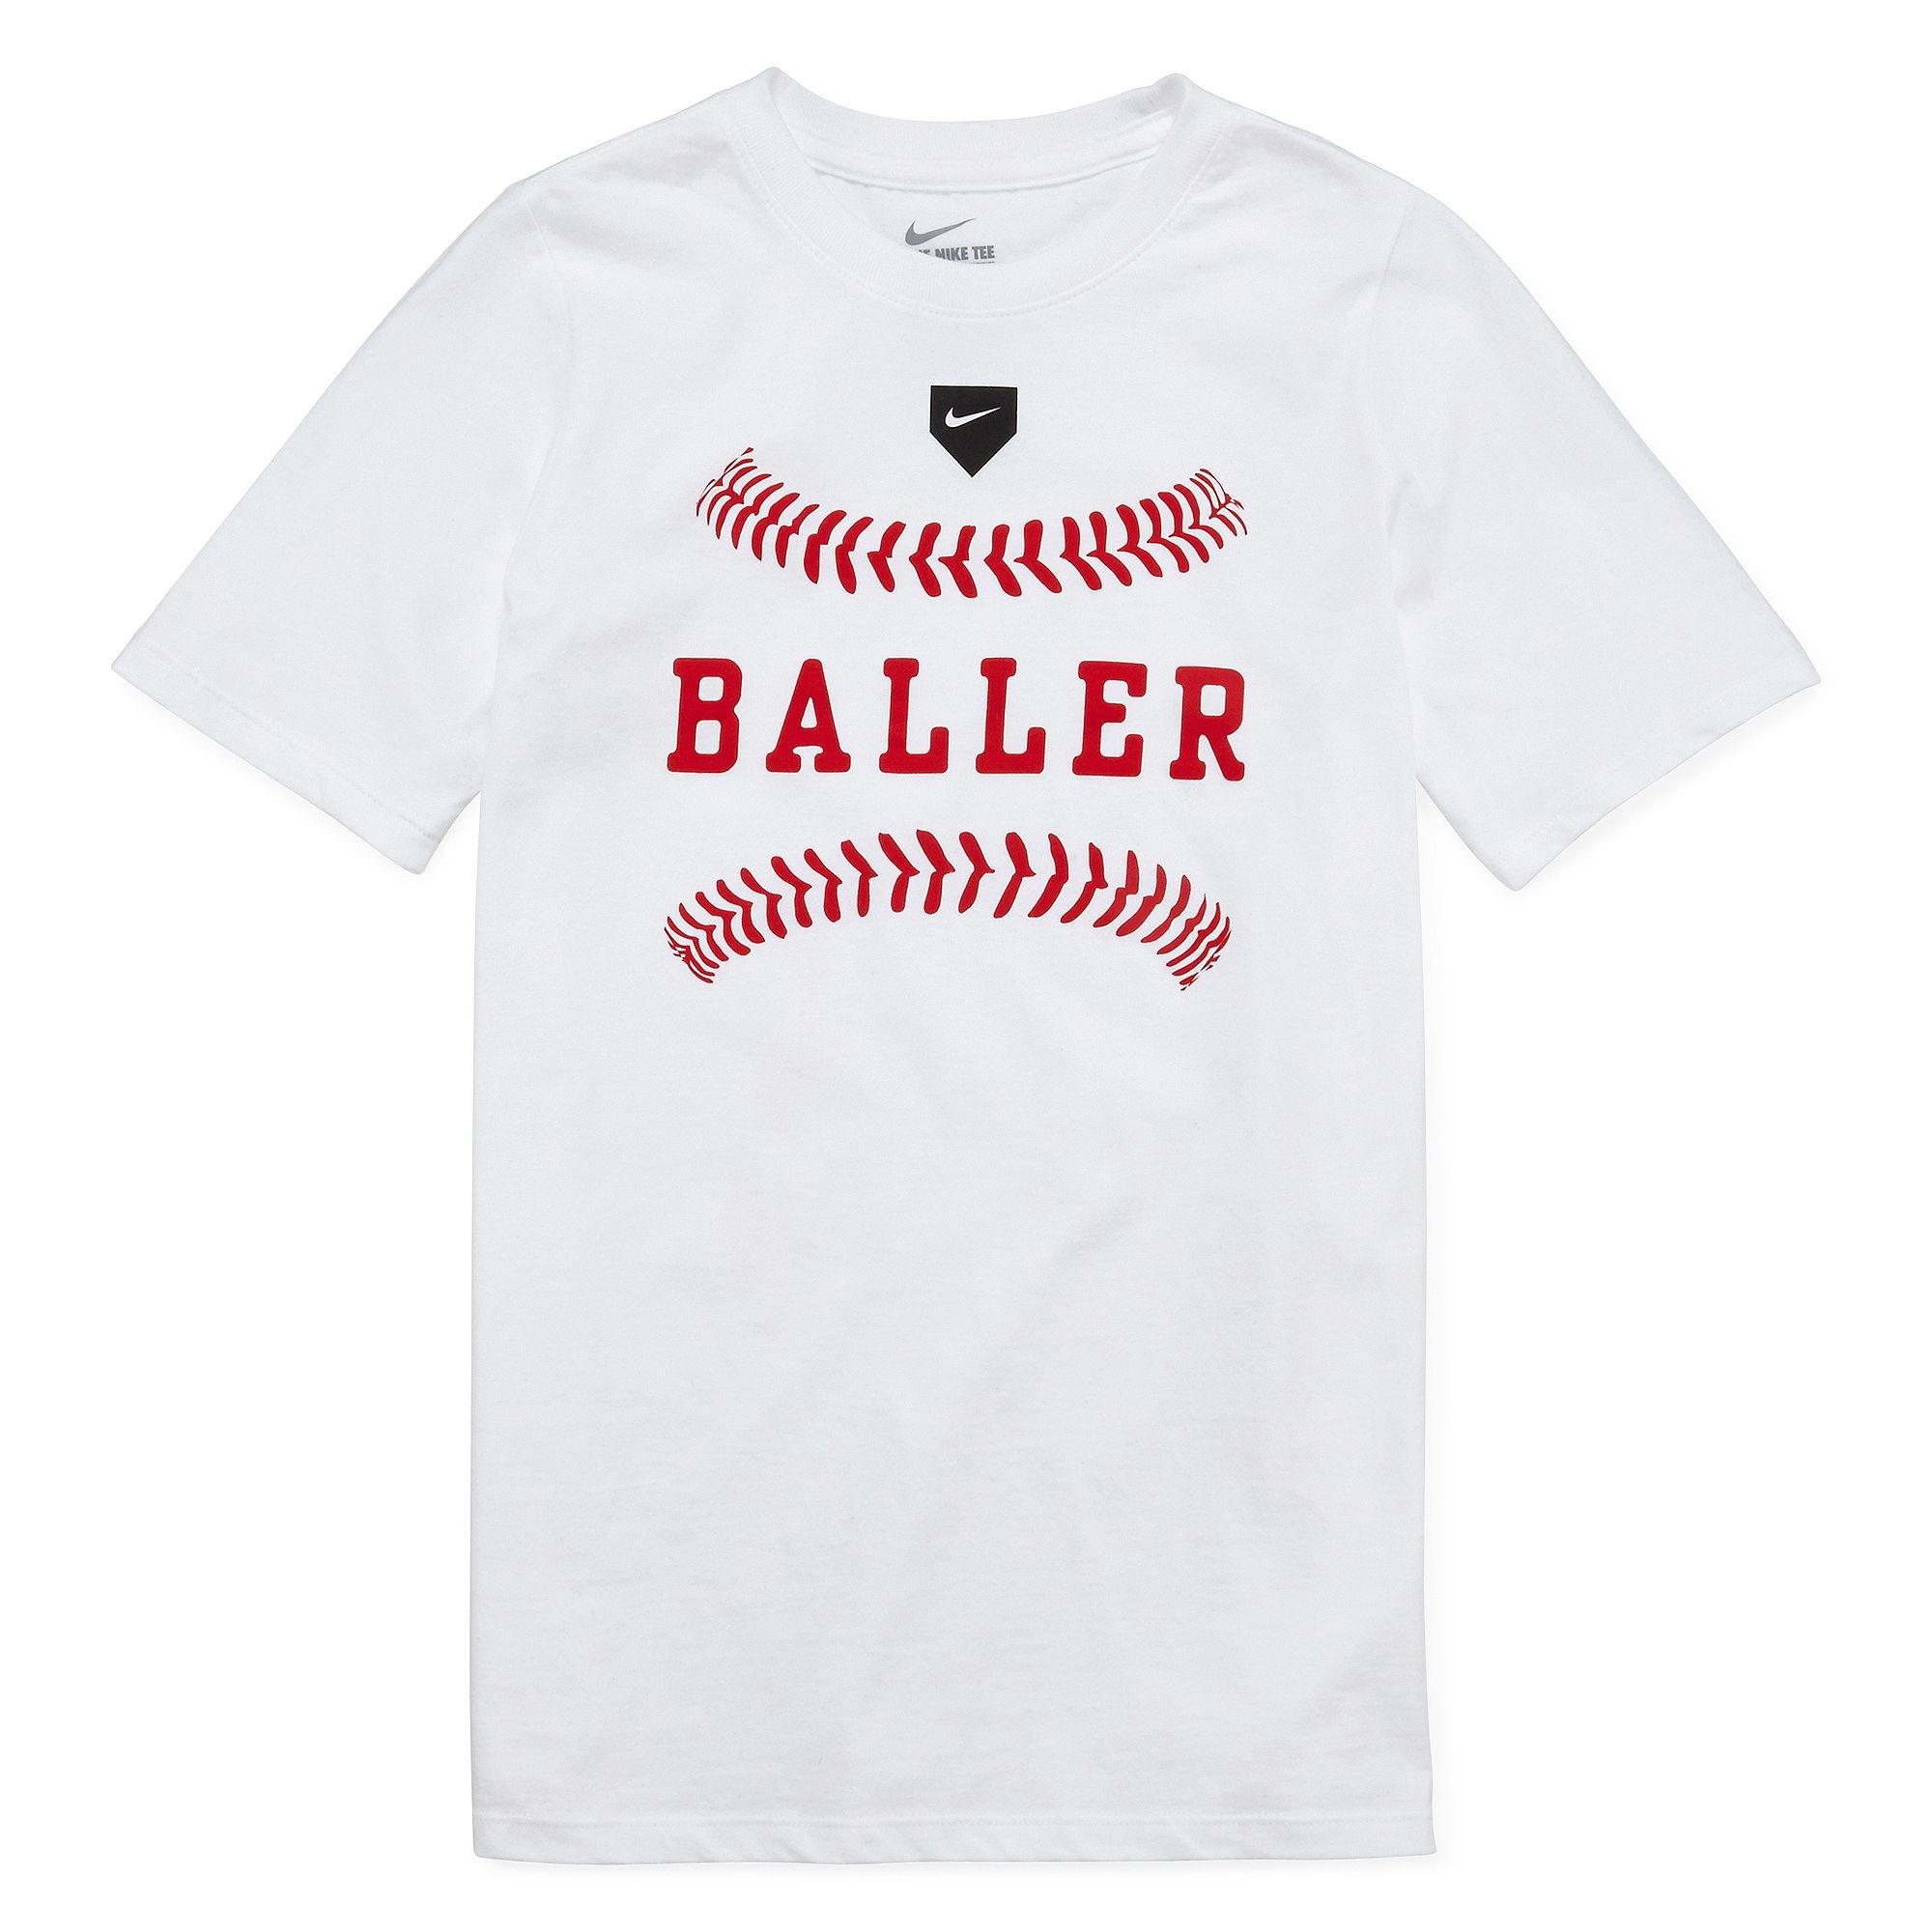 6eef1384 UPC 884726025376 - Nike Base Baller Graphic Tee - Boys 8-20 ...